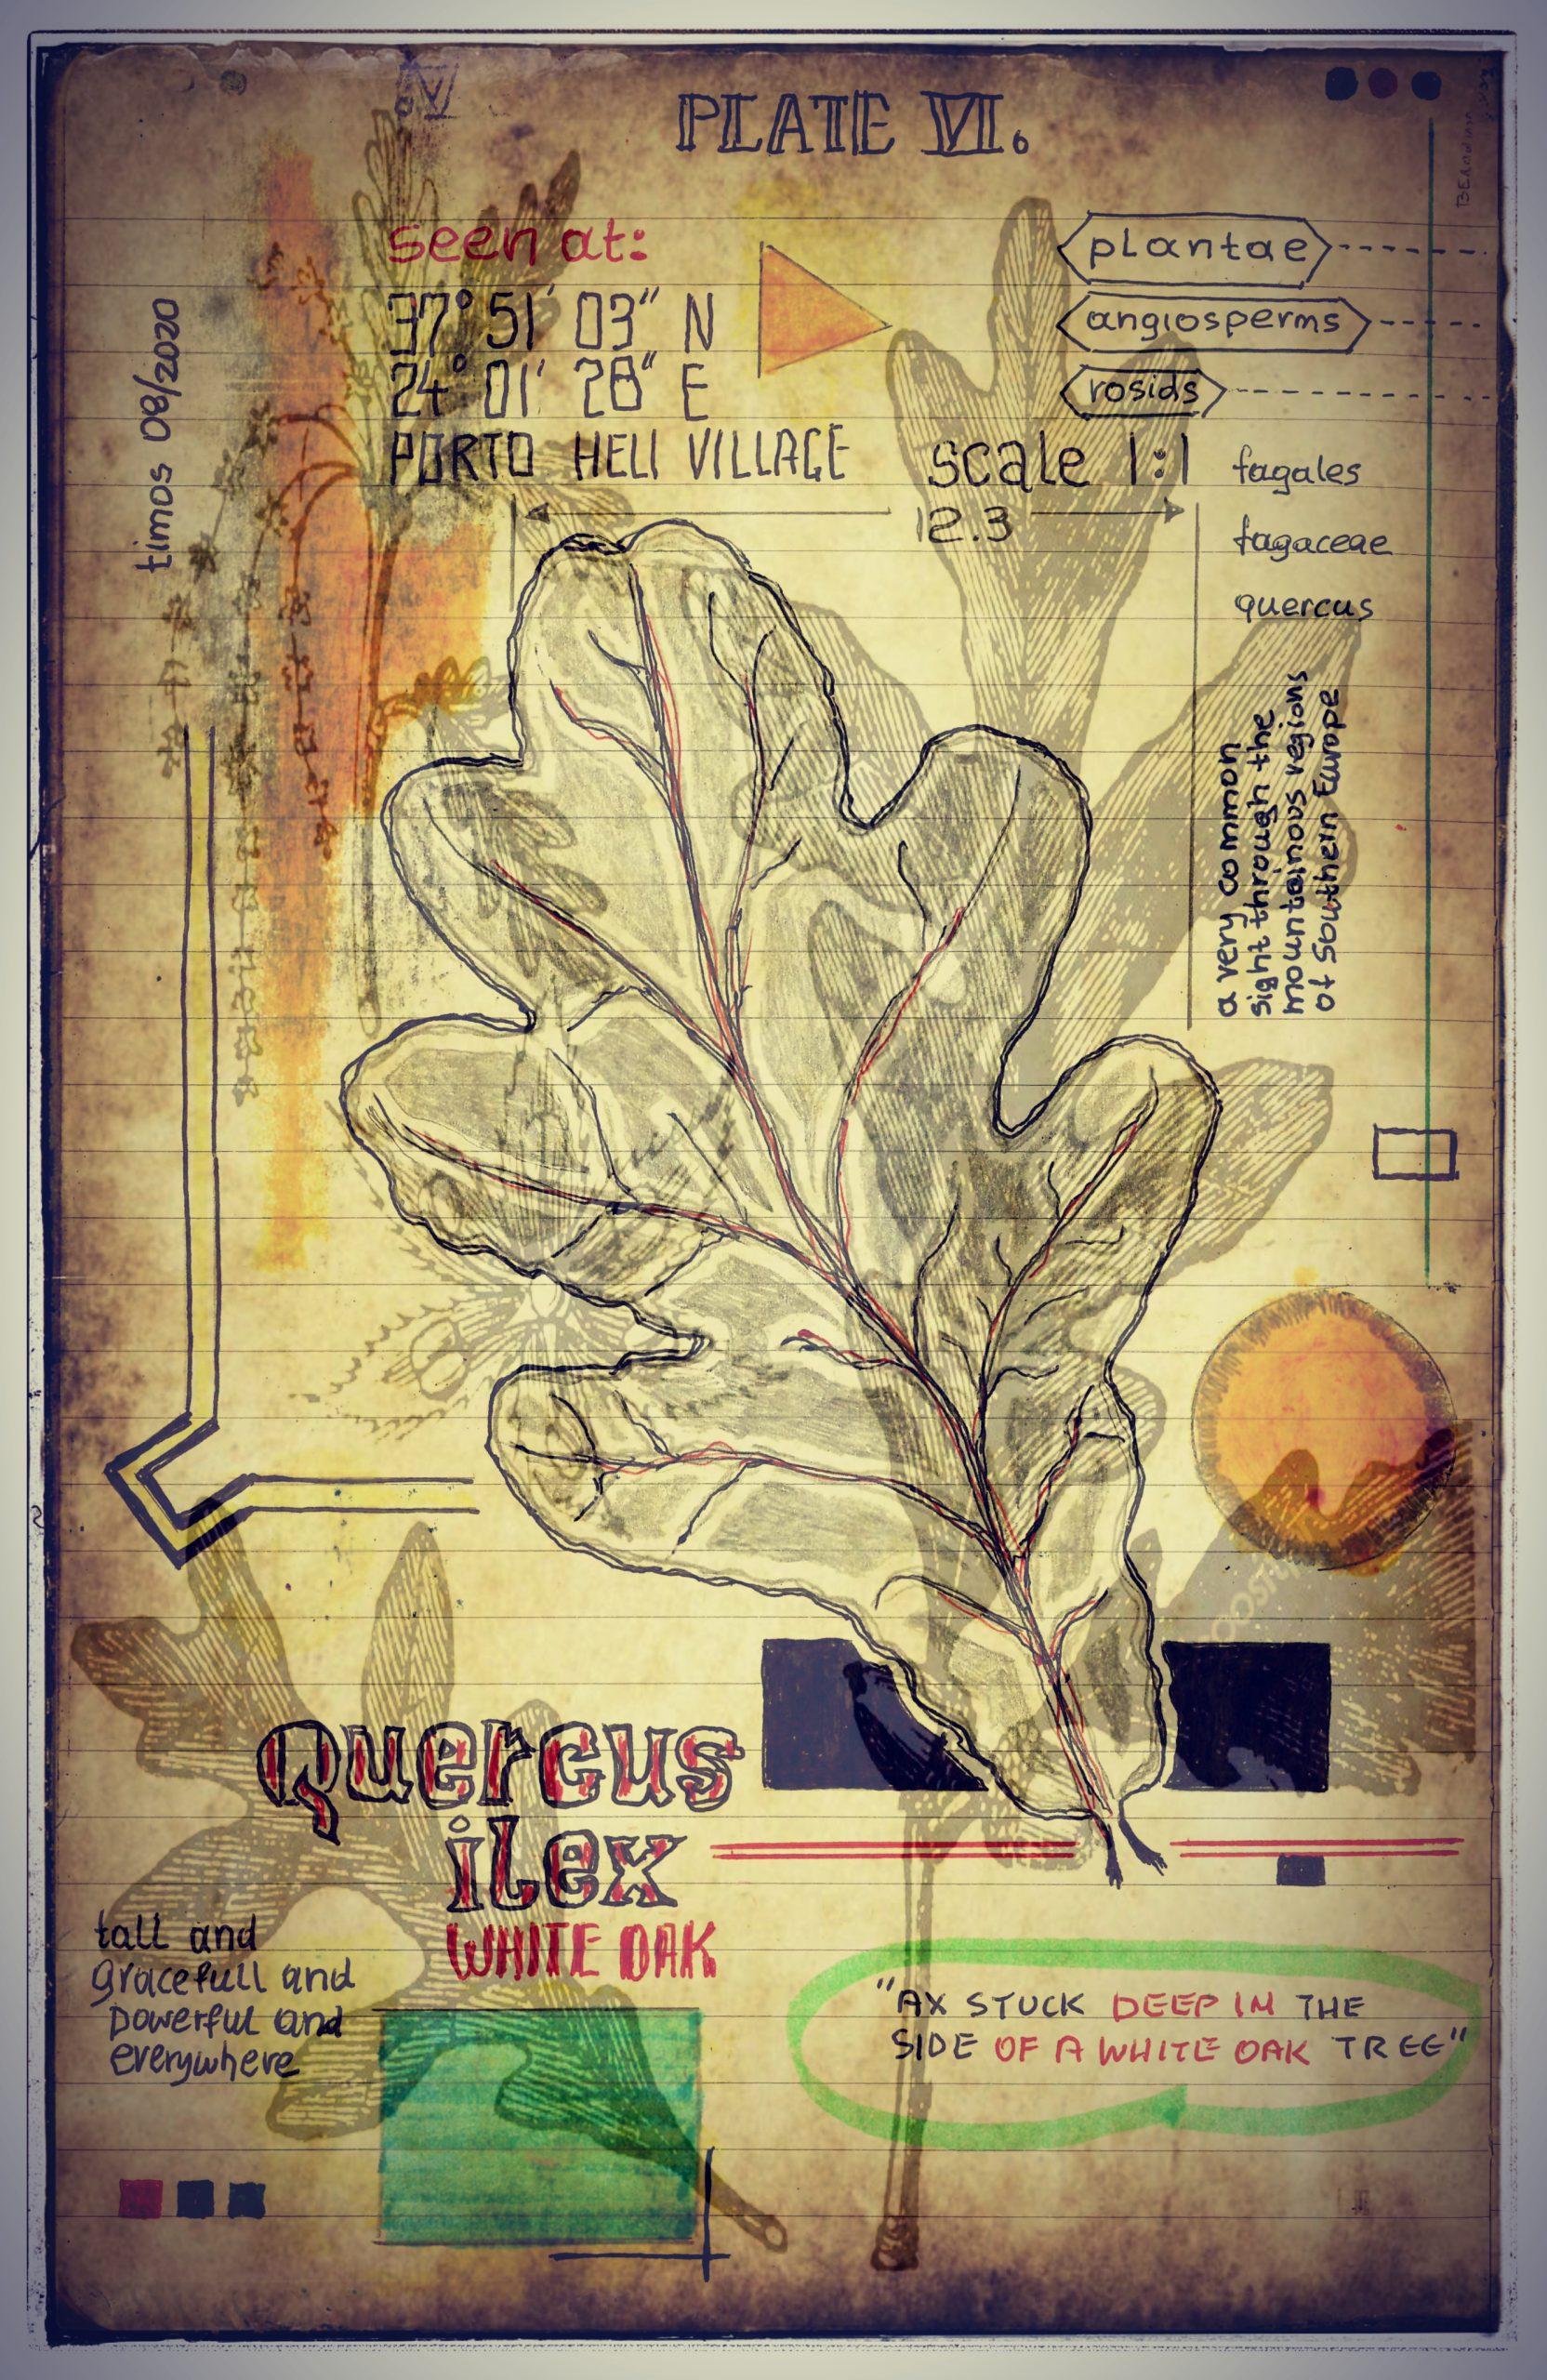 plantis et praecipuum ponebatur | plate VI